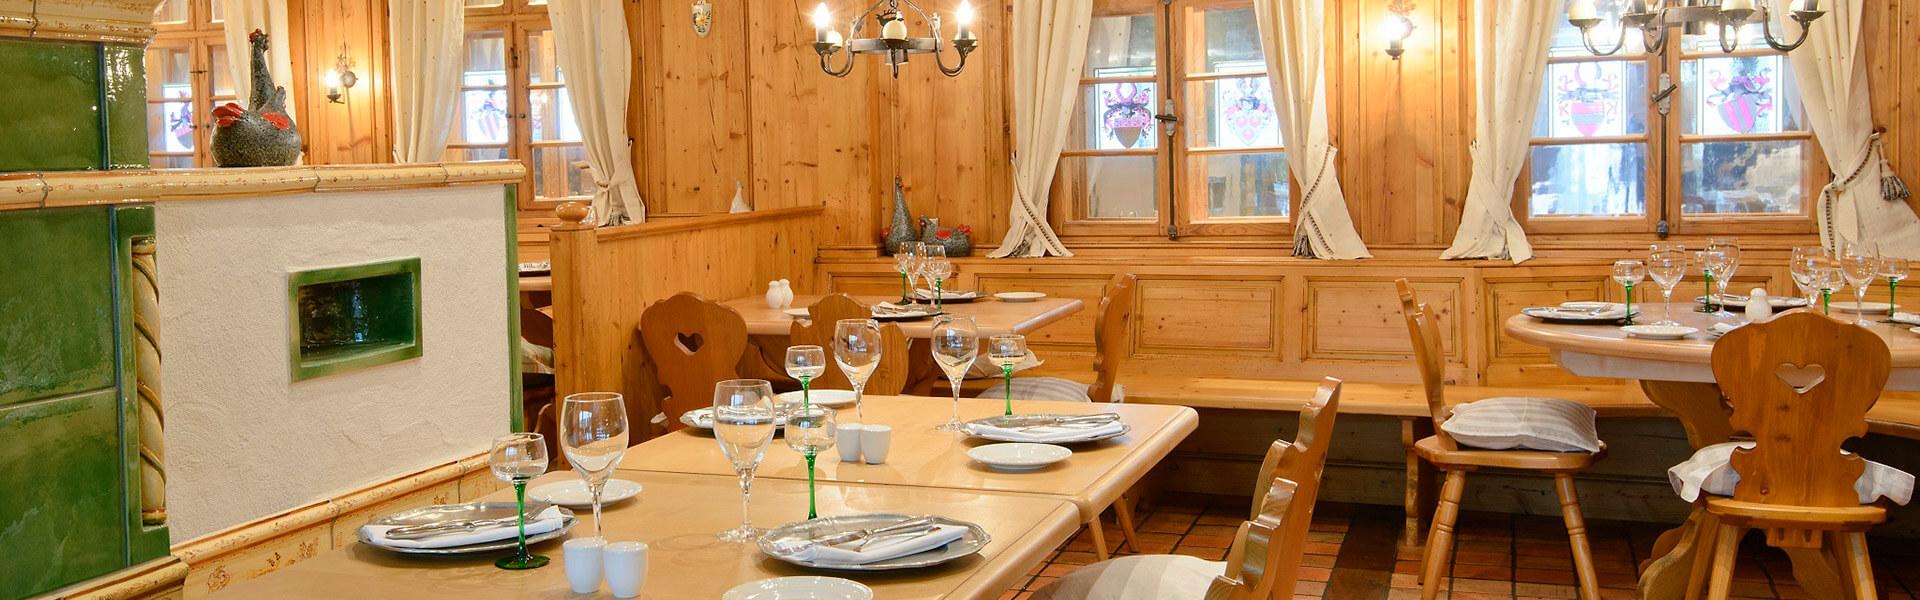 Restaurant Stübli